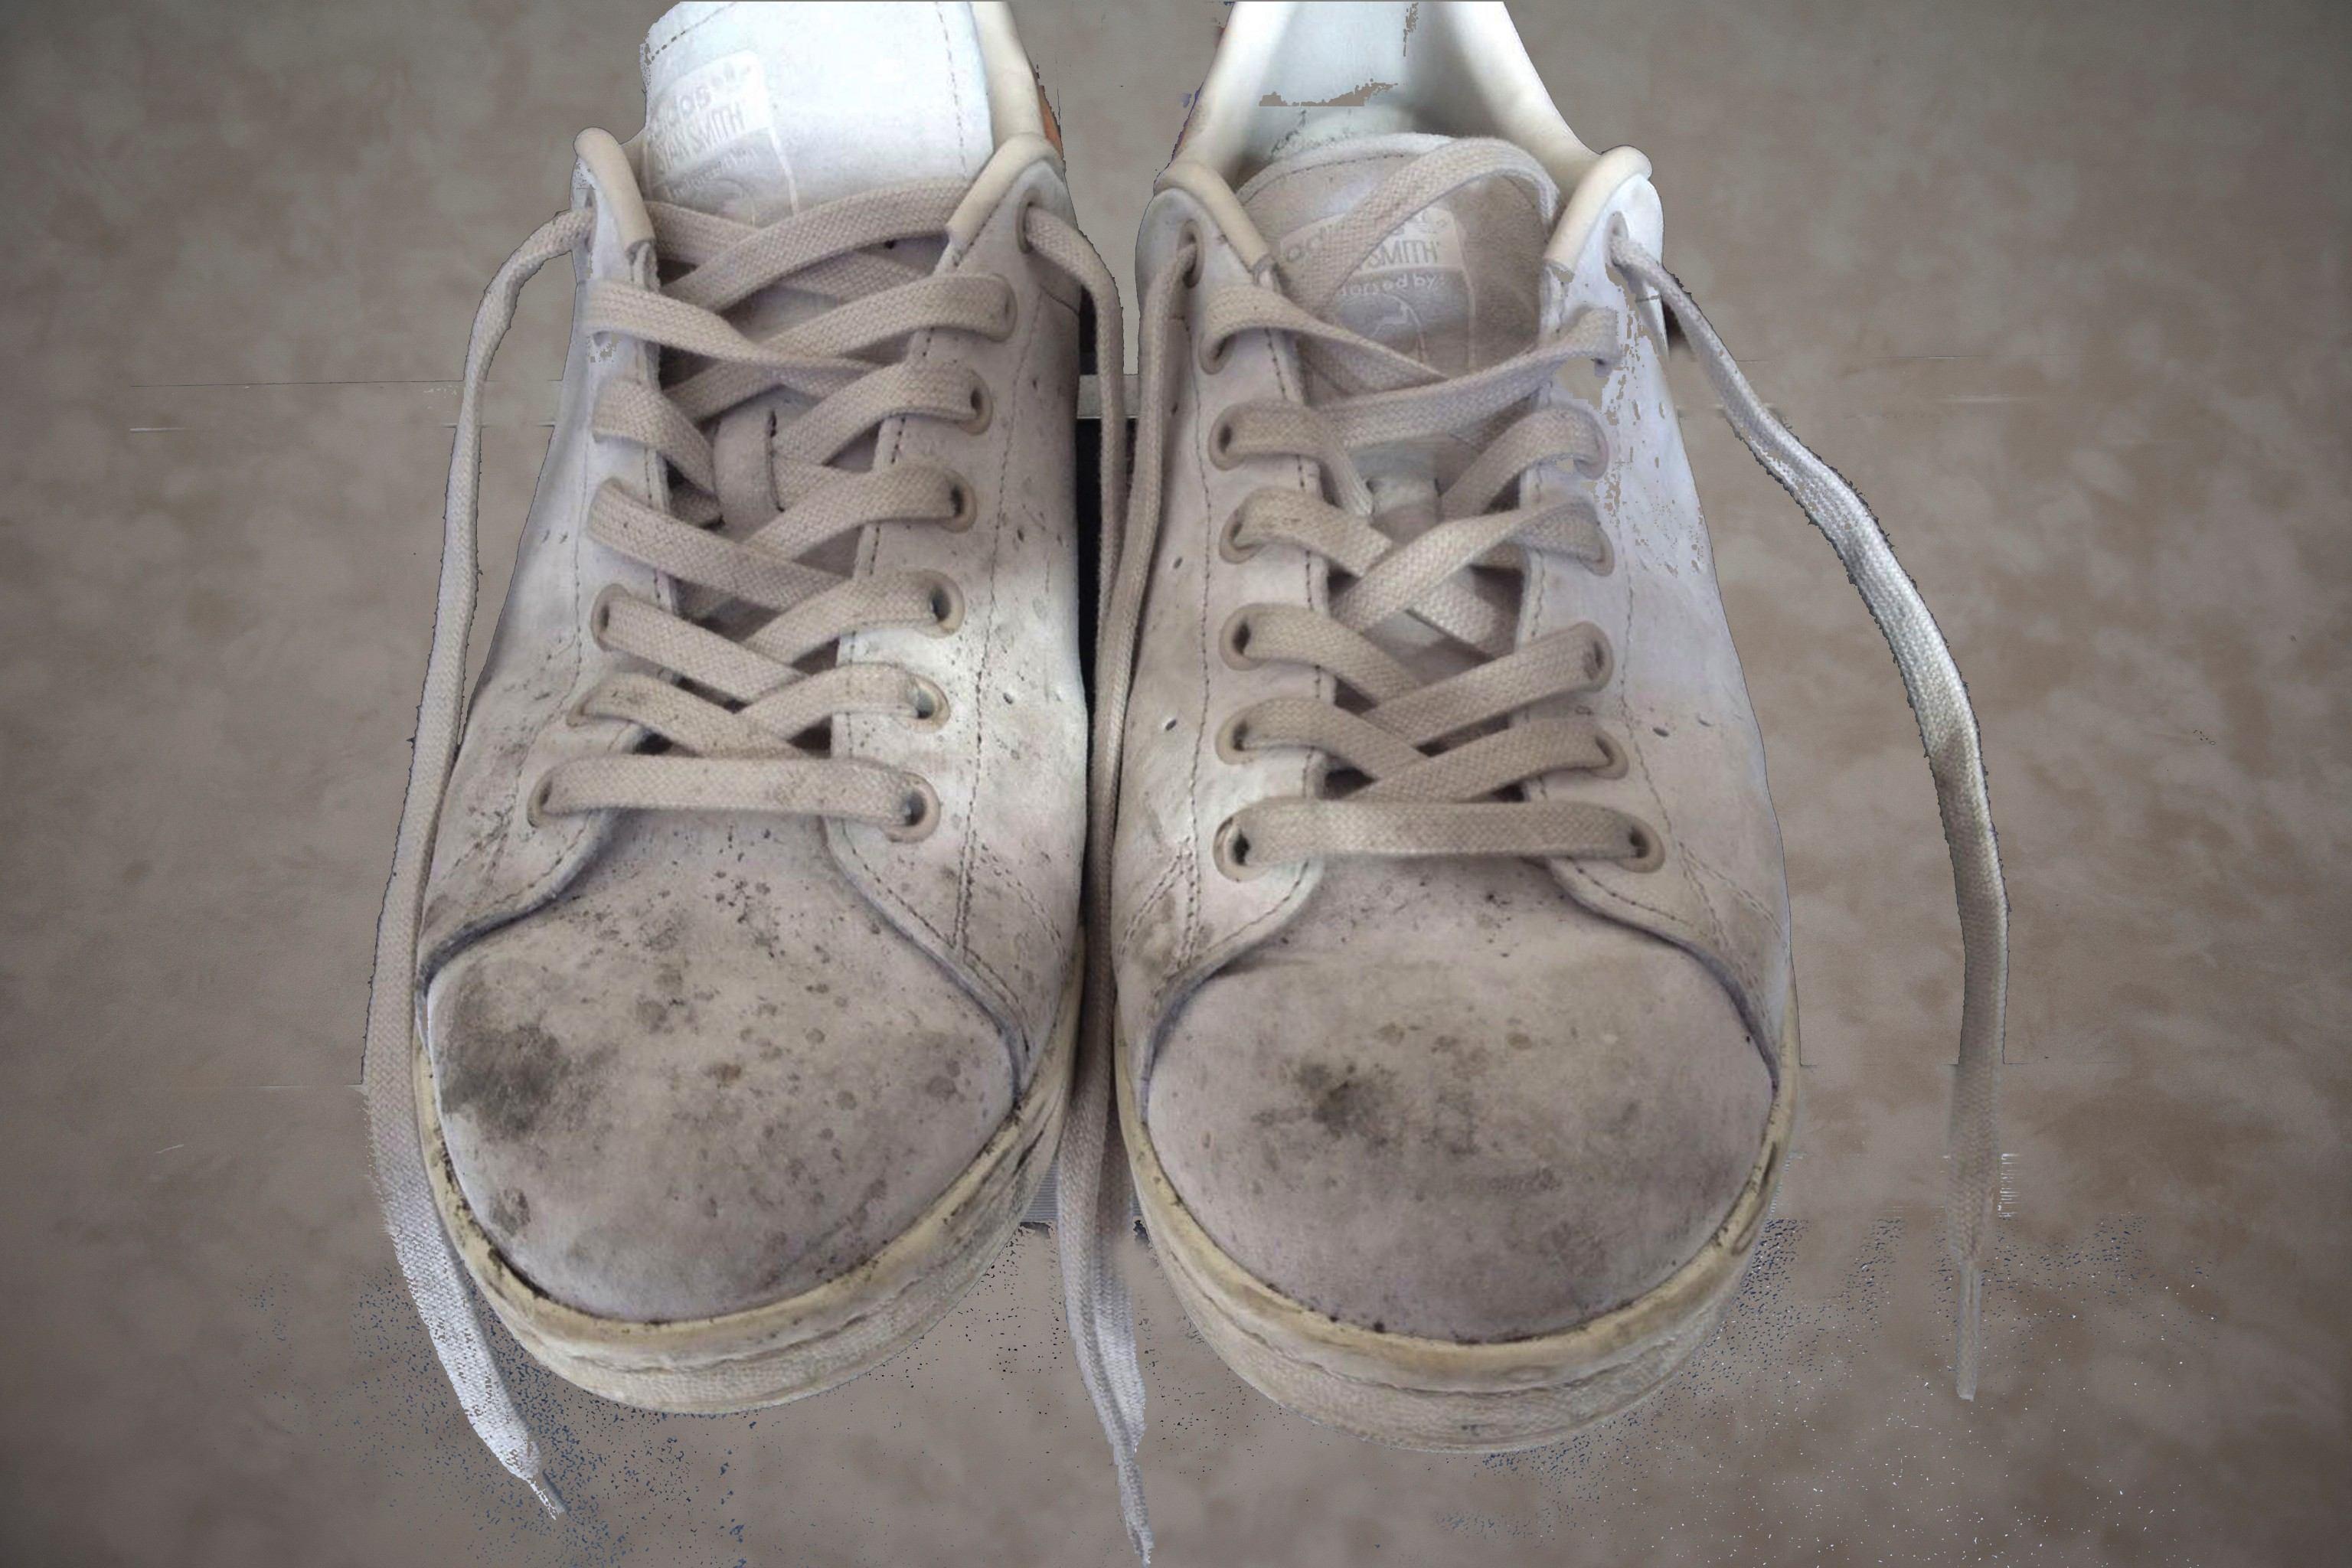 Sneakers schoonmaken met stoom voor behandeling